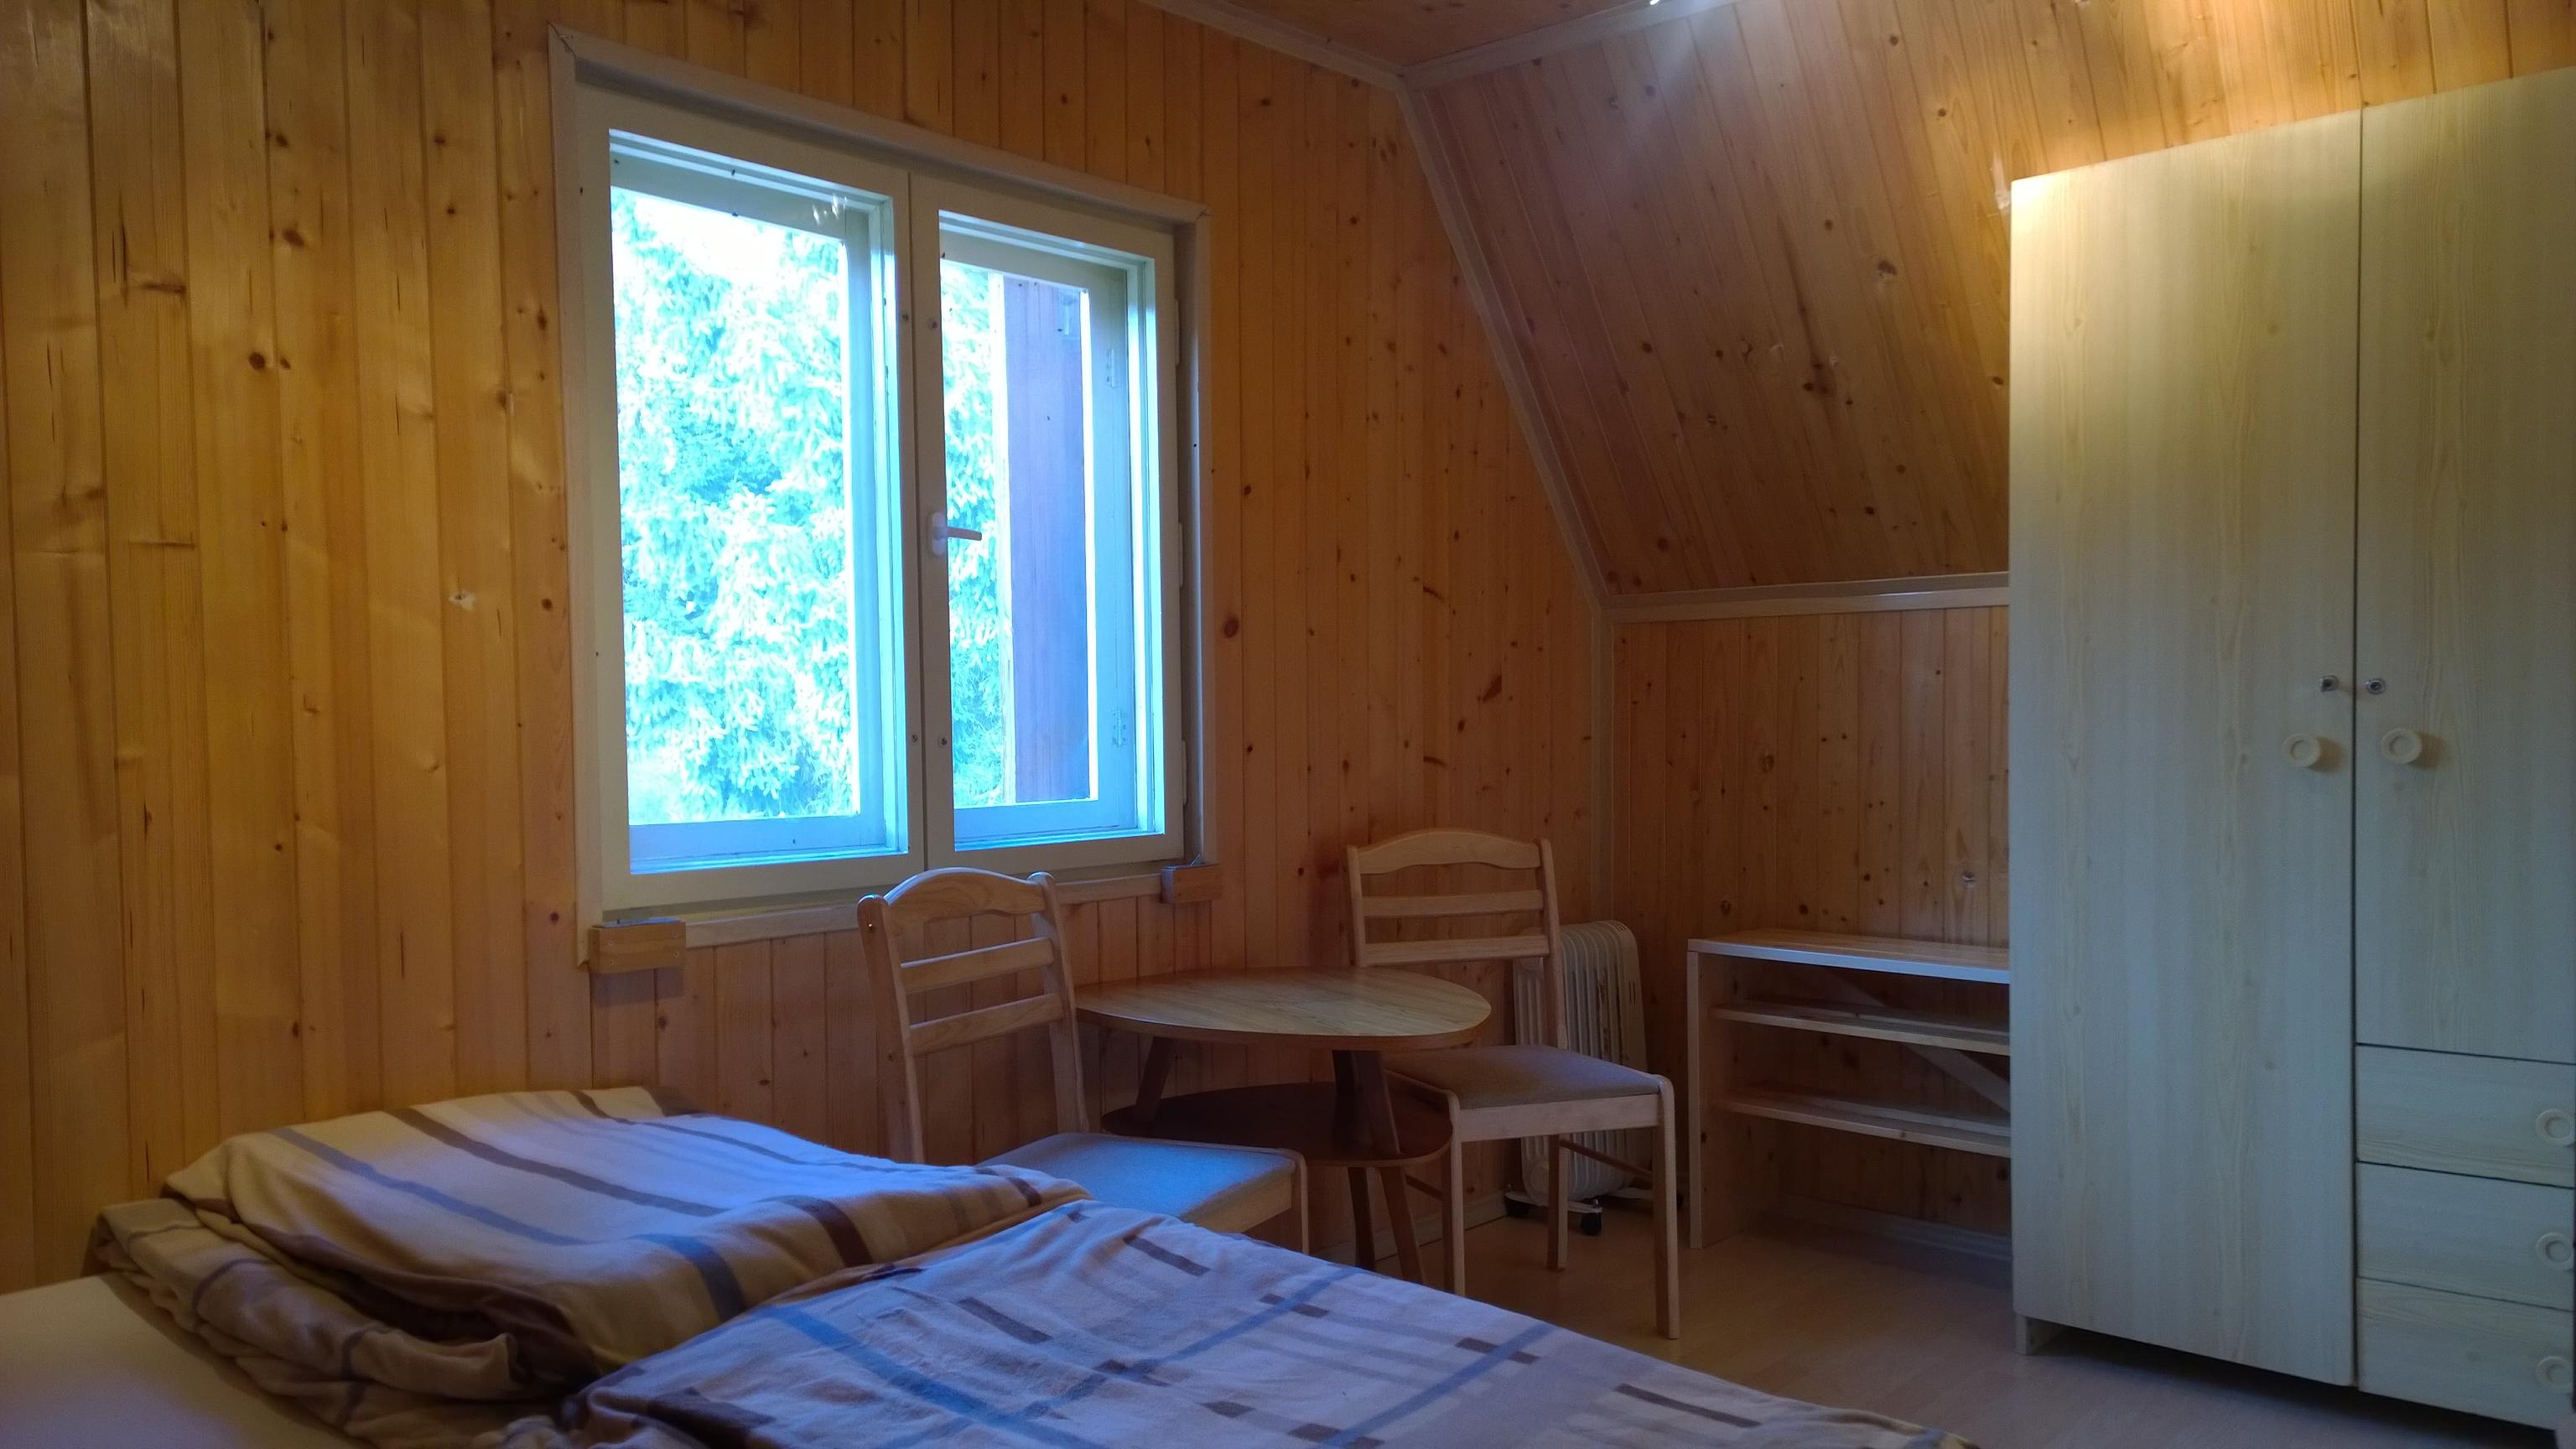 ap. C menší ložnice s posezením